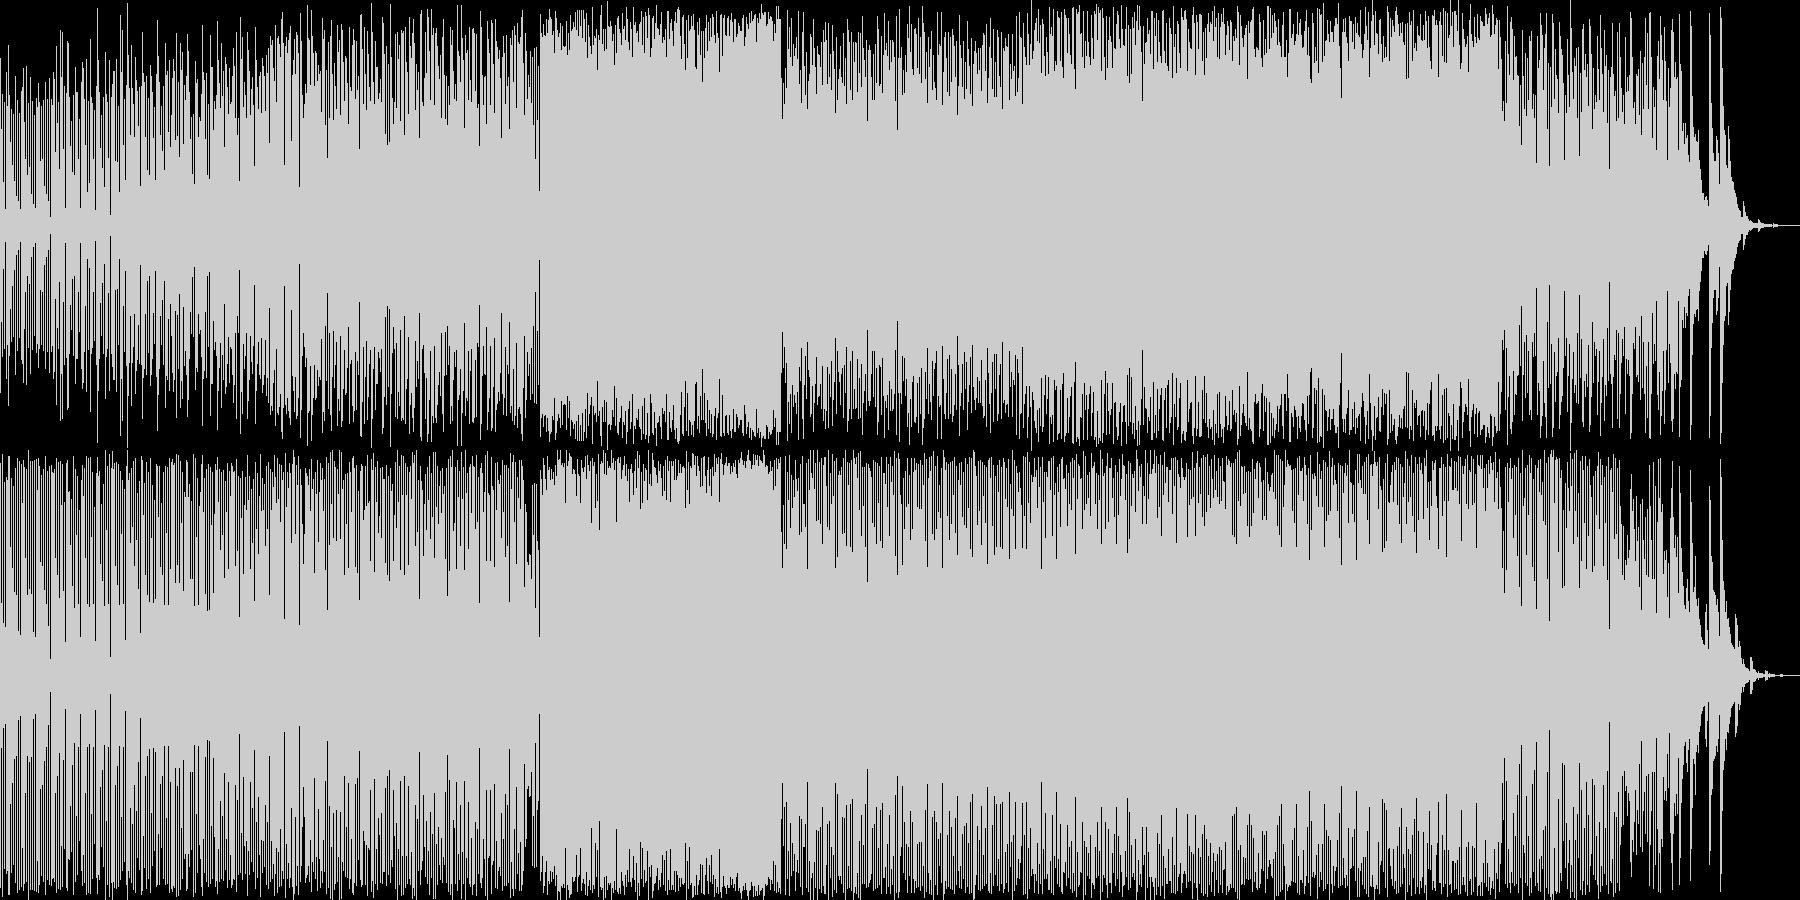 爽やかな印象のテクノ曲の未再生の波形